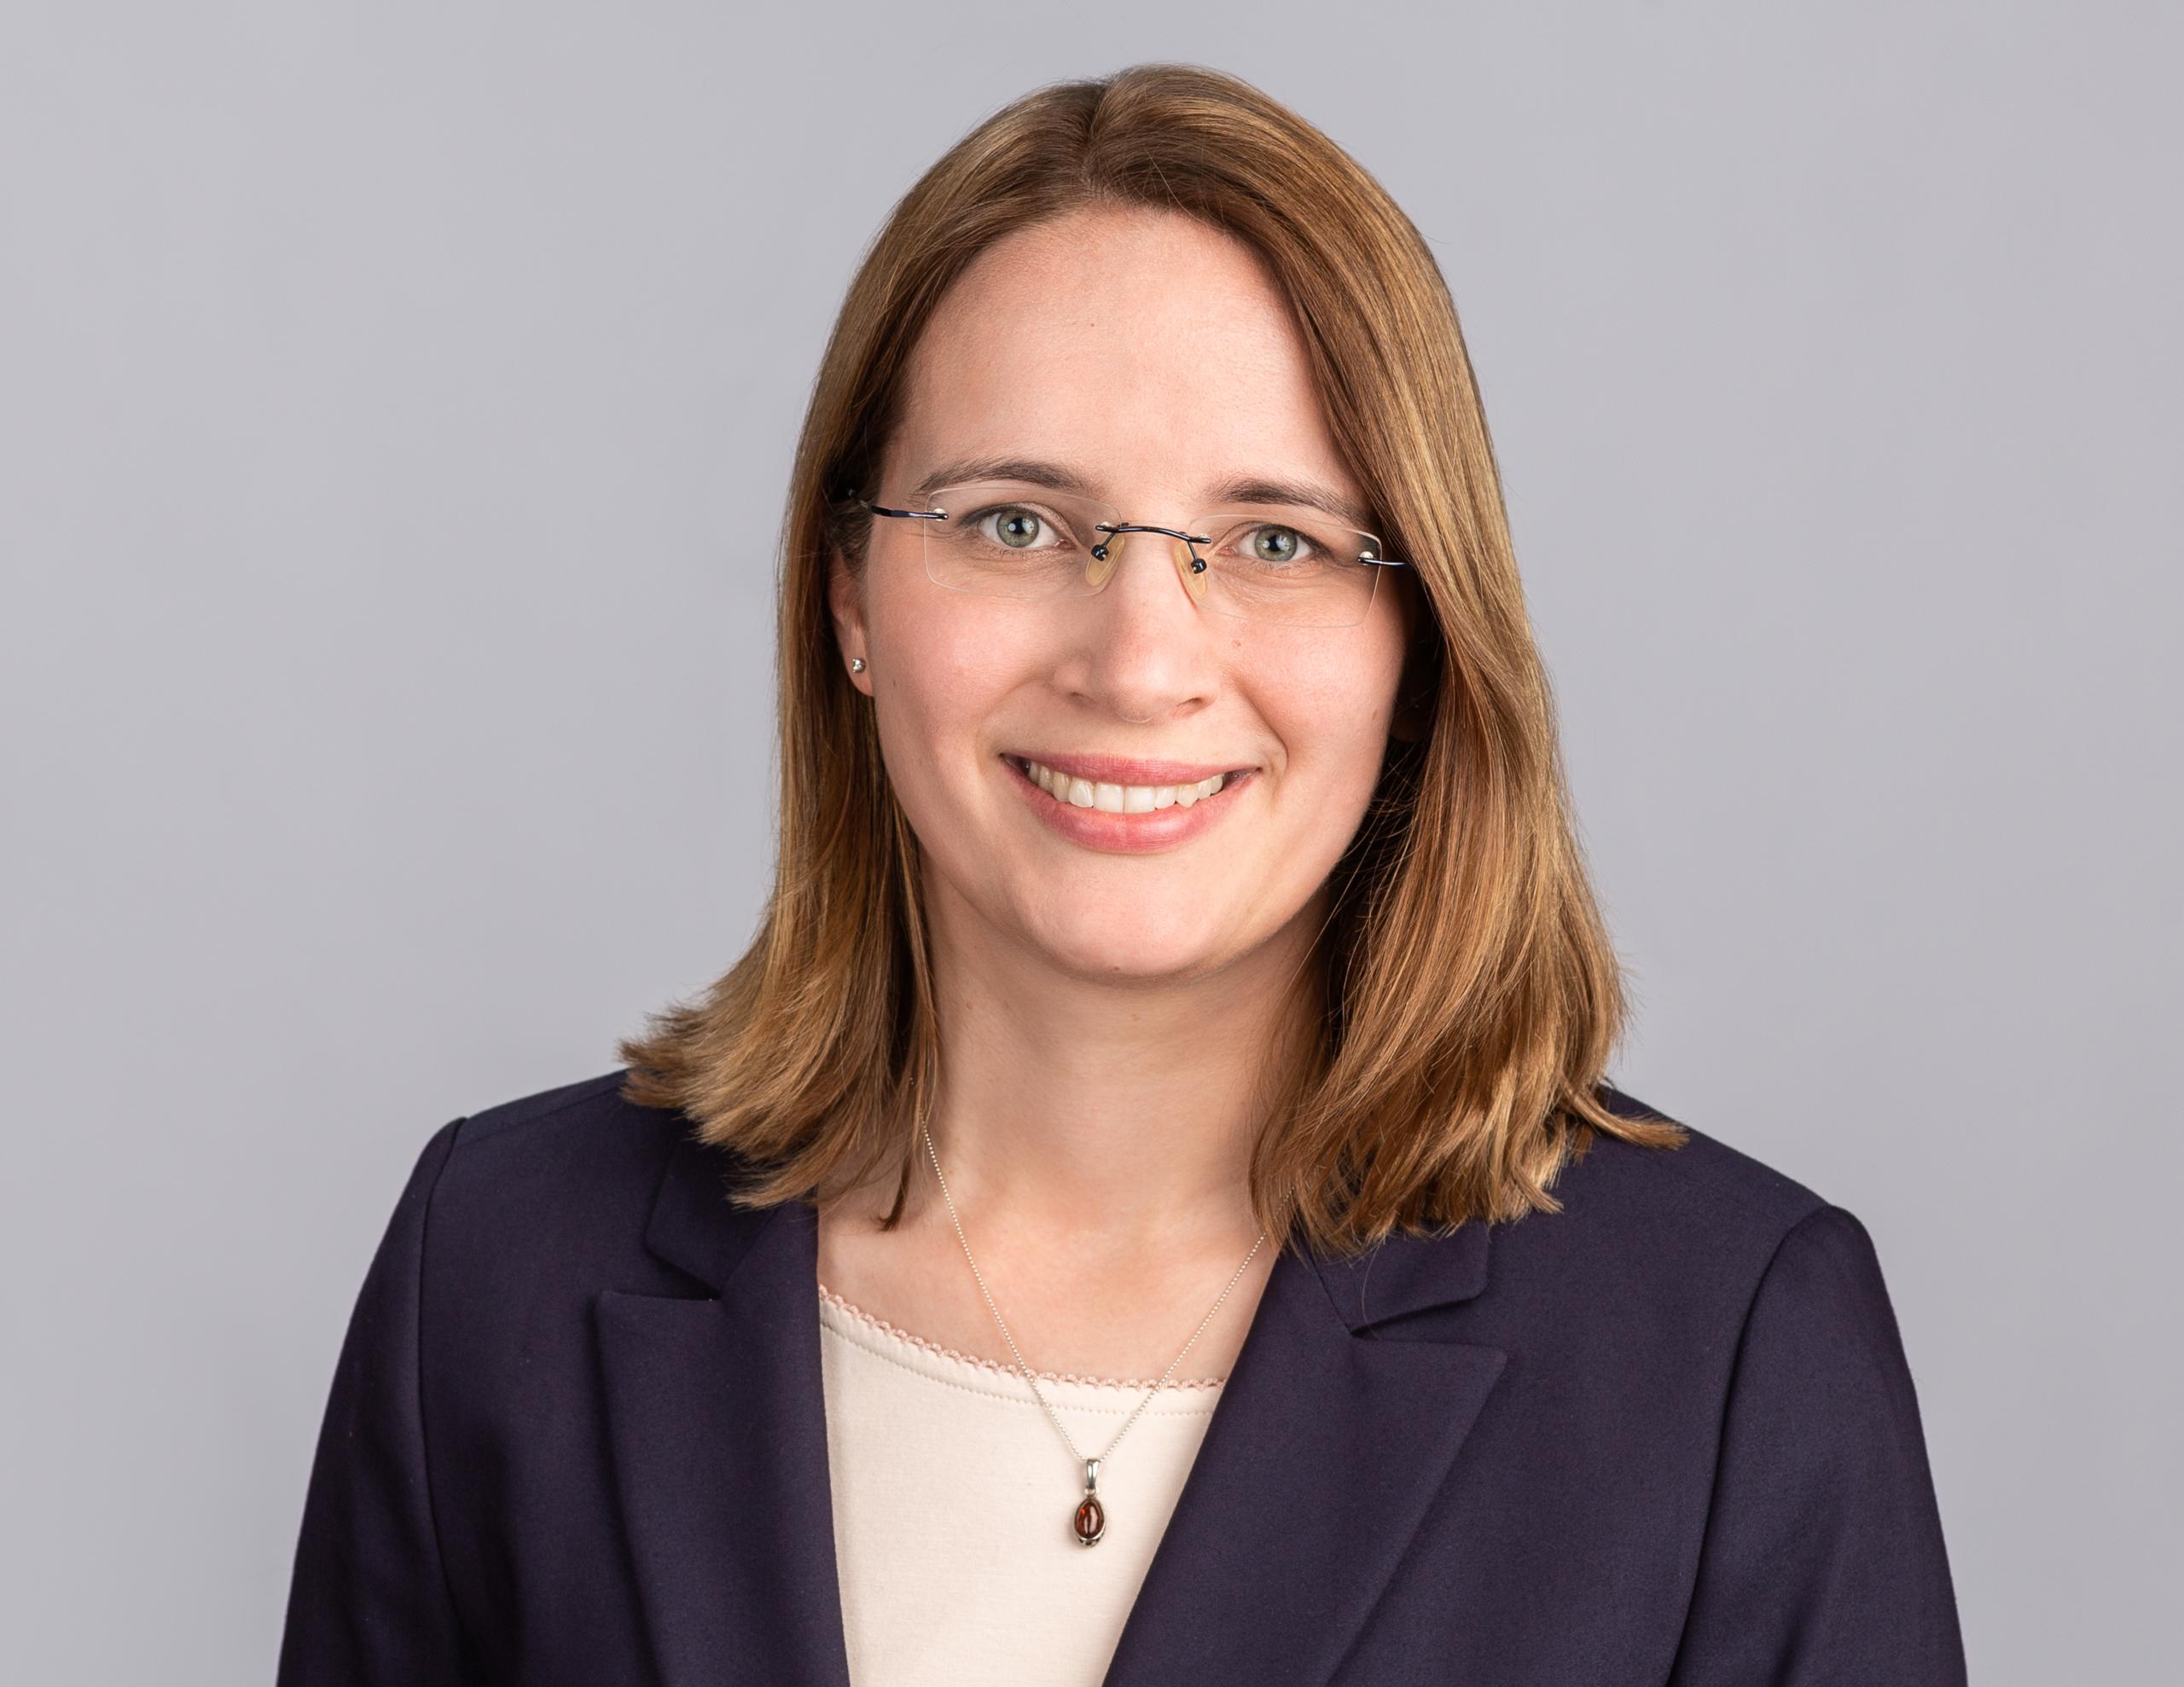 Elisabeth Siemes